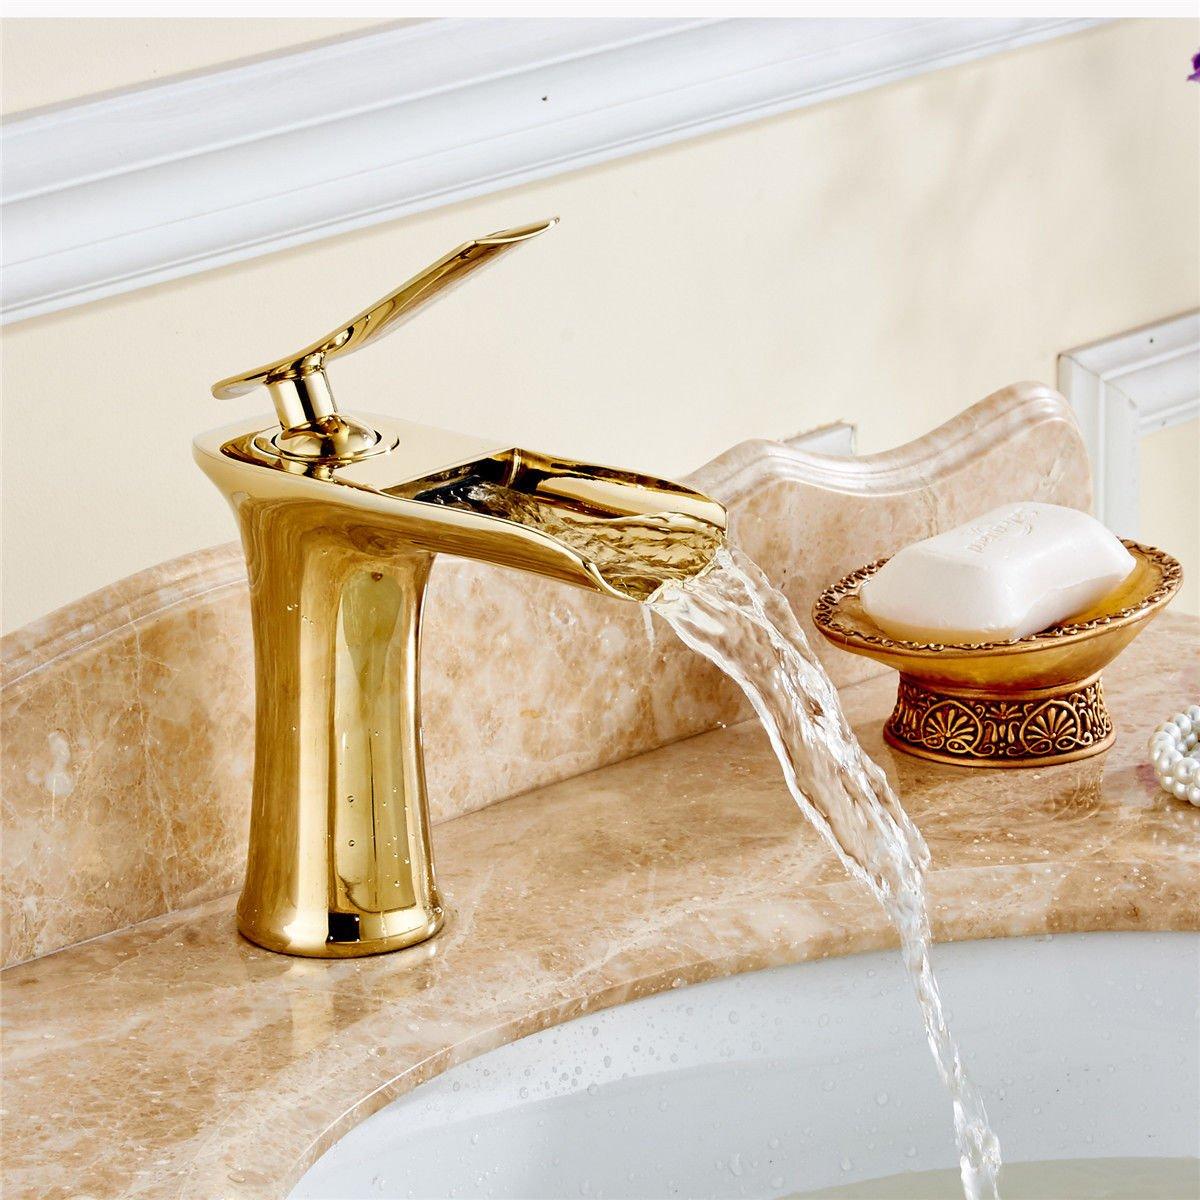 Good quality Antiquitäten Becken Spül Mischer Tap Messing voll Kupfer Gold Bad Waschbecken Wasserhahn Waschbecken Waschbecken Wasserhahn Wasserfall Wasserhahn